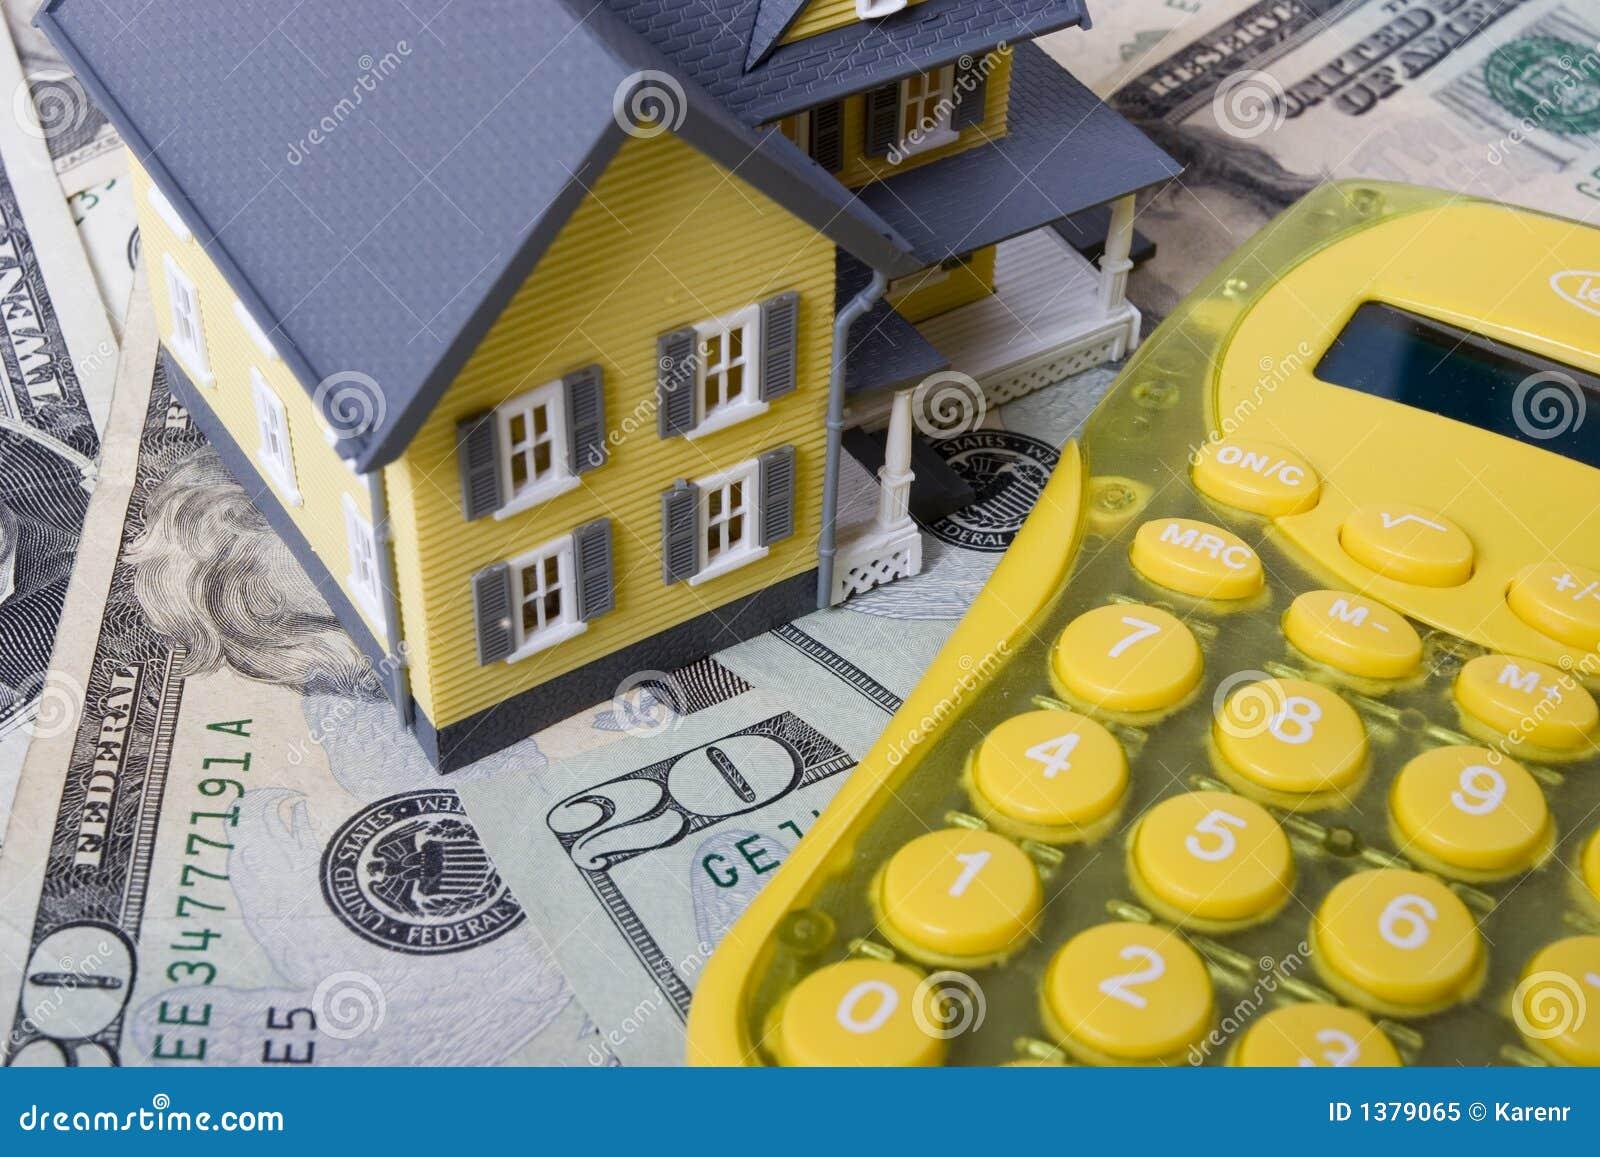 Hypotheek en aanbetaling